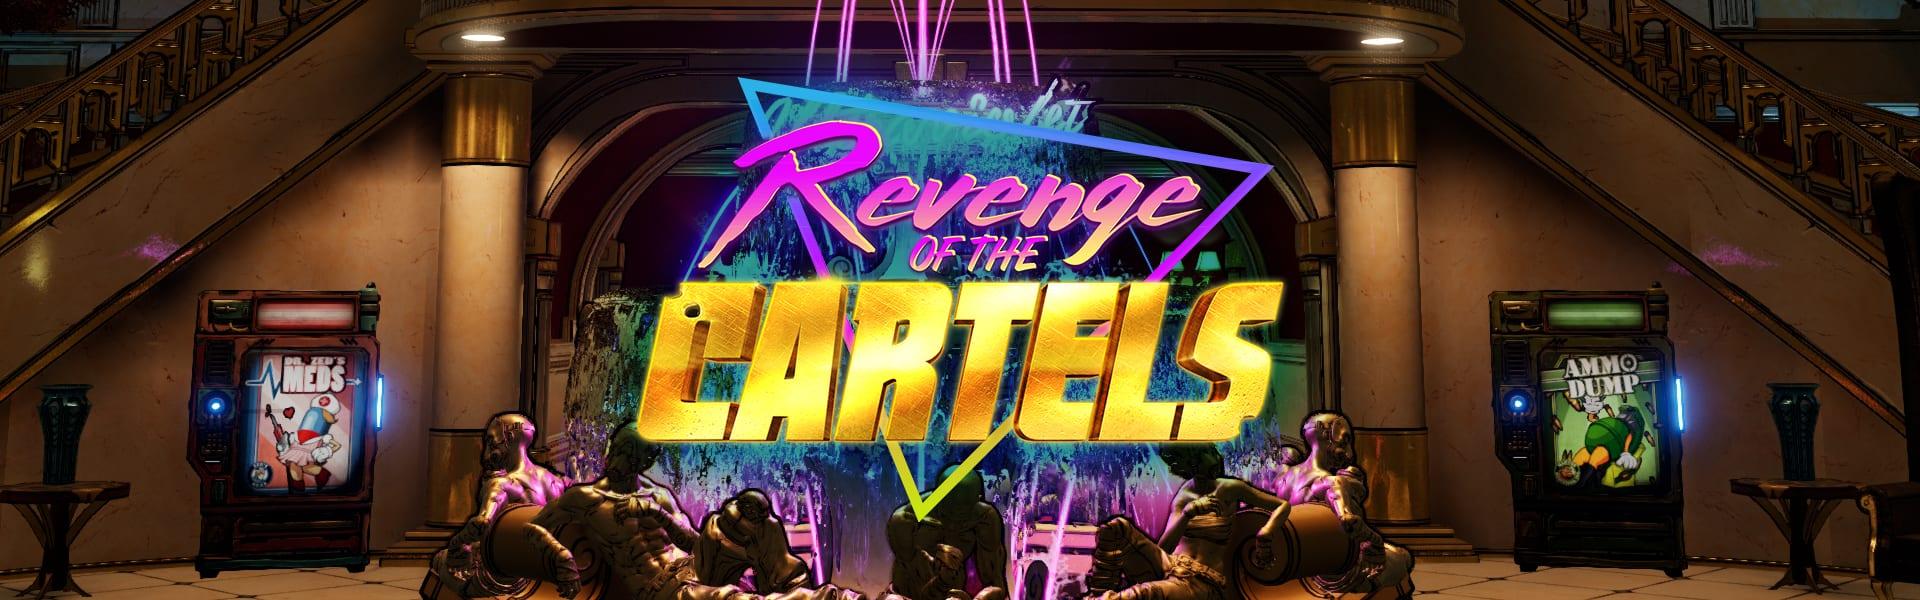 Wattson Legendary Shield Borderlands 3 Revenge of the Cartels